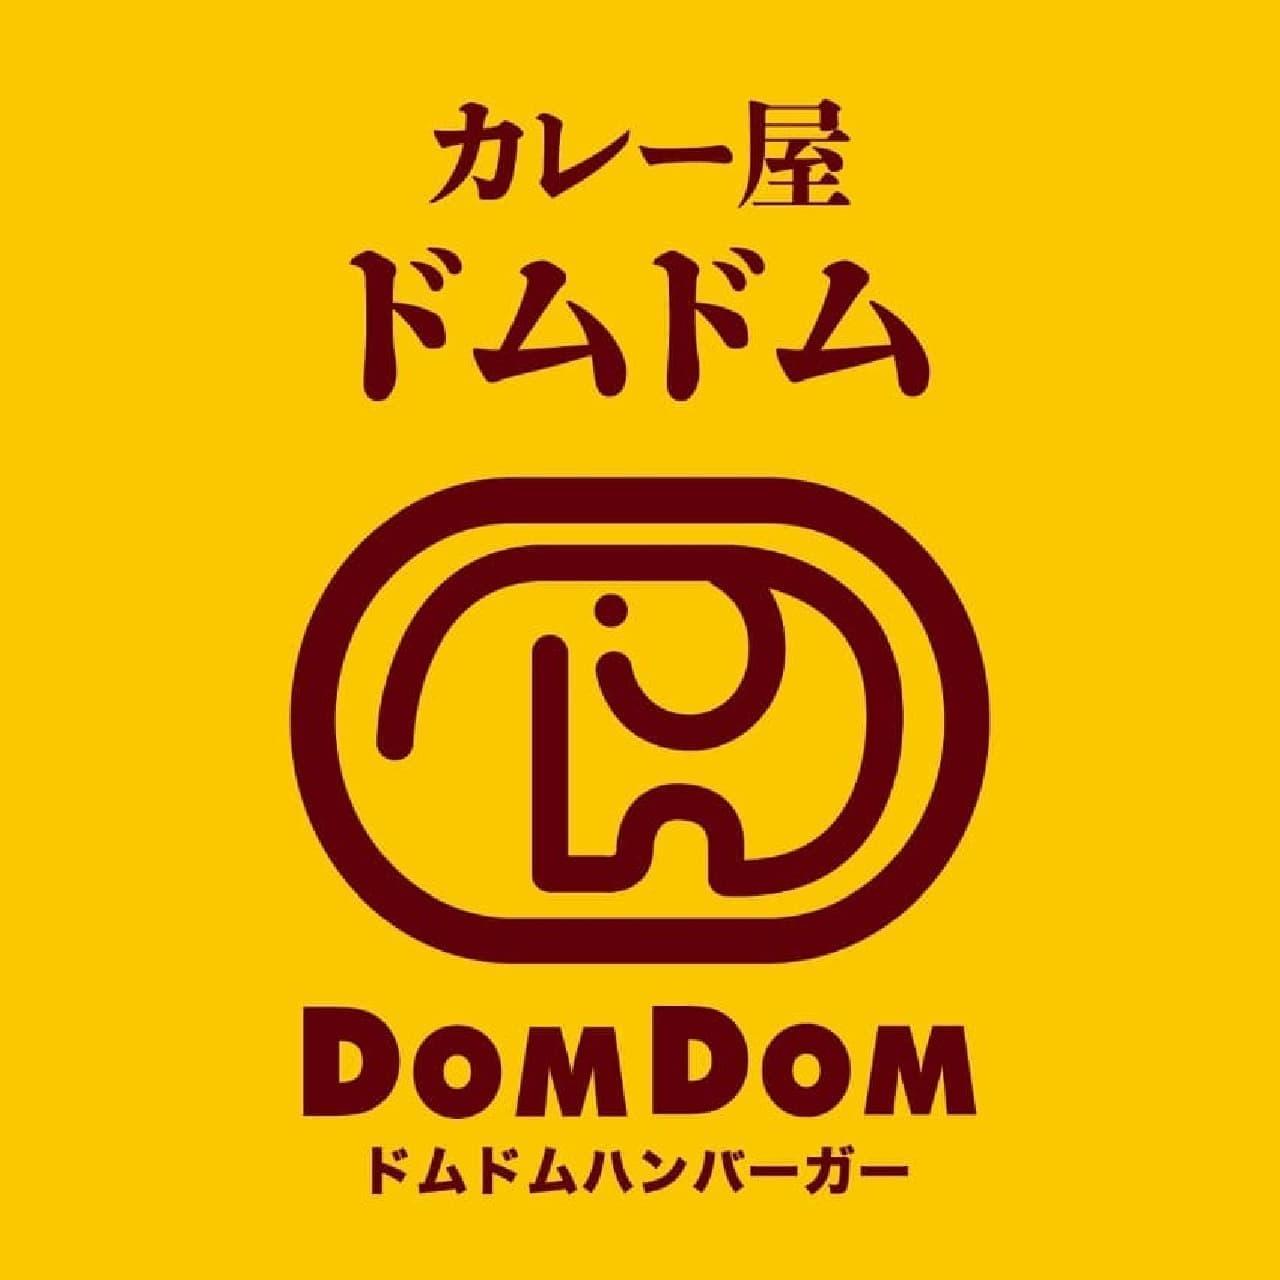 ドムドムハンバーガーの新業態「カレー屋ドムドム」